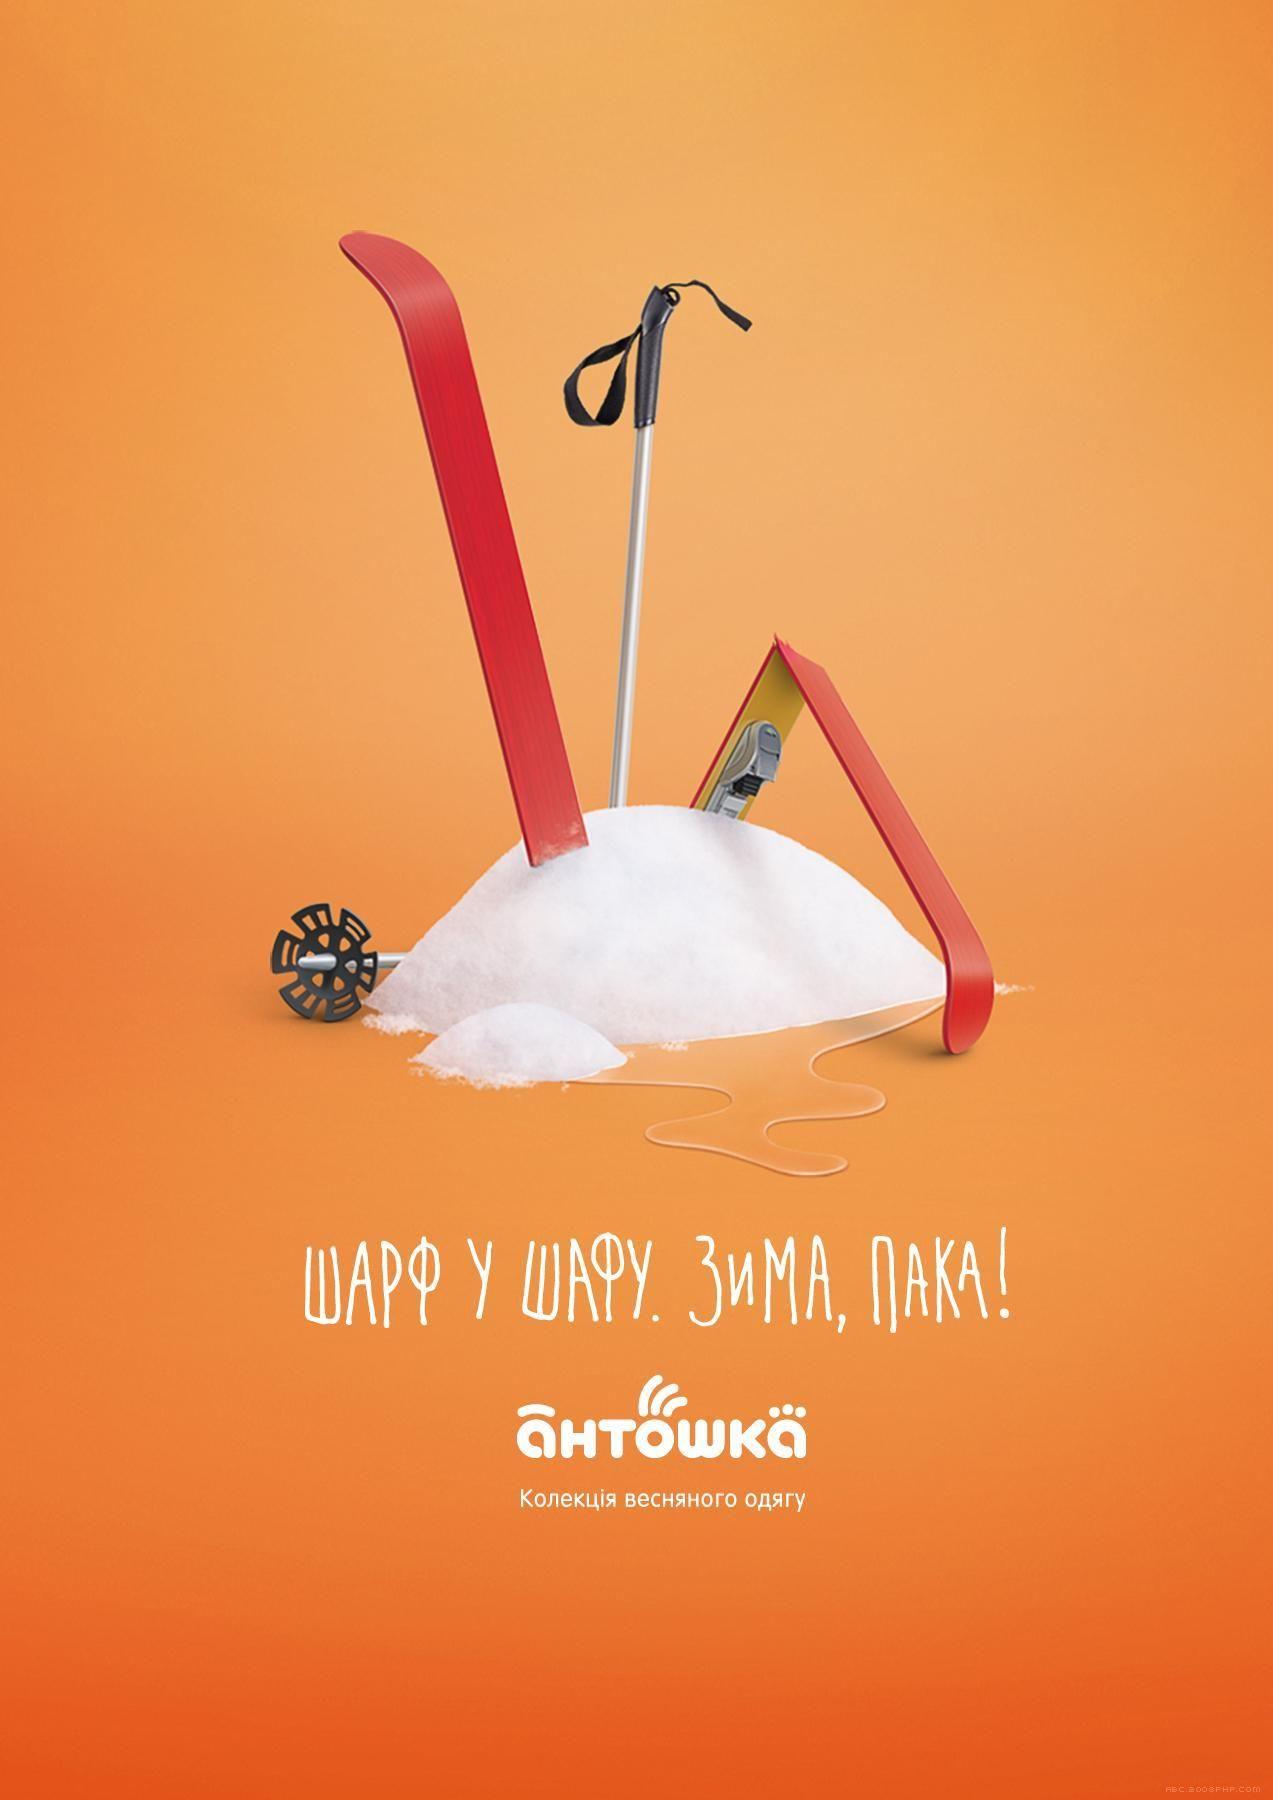 创意国外海报设计图片